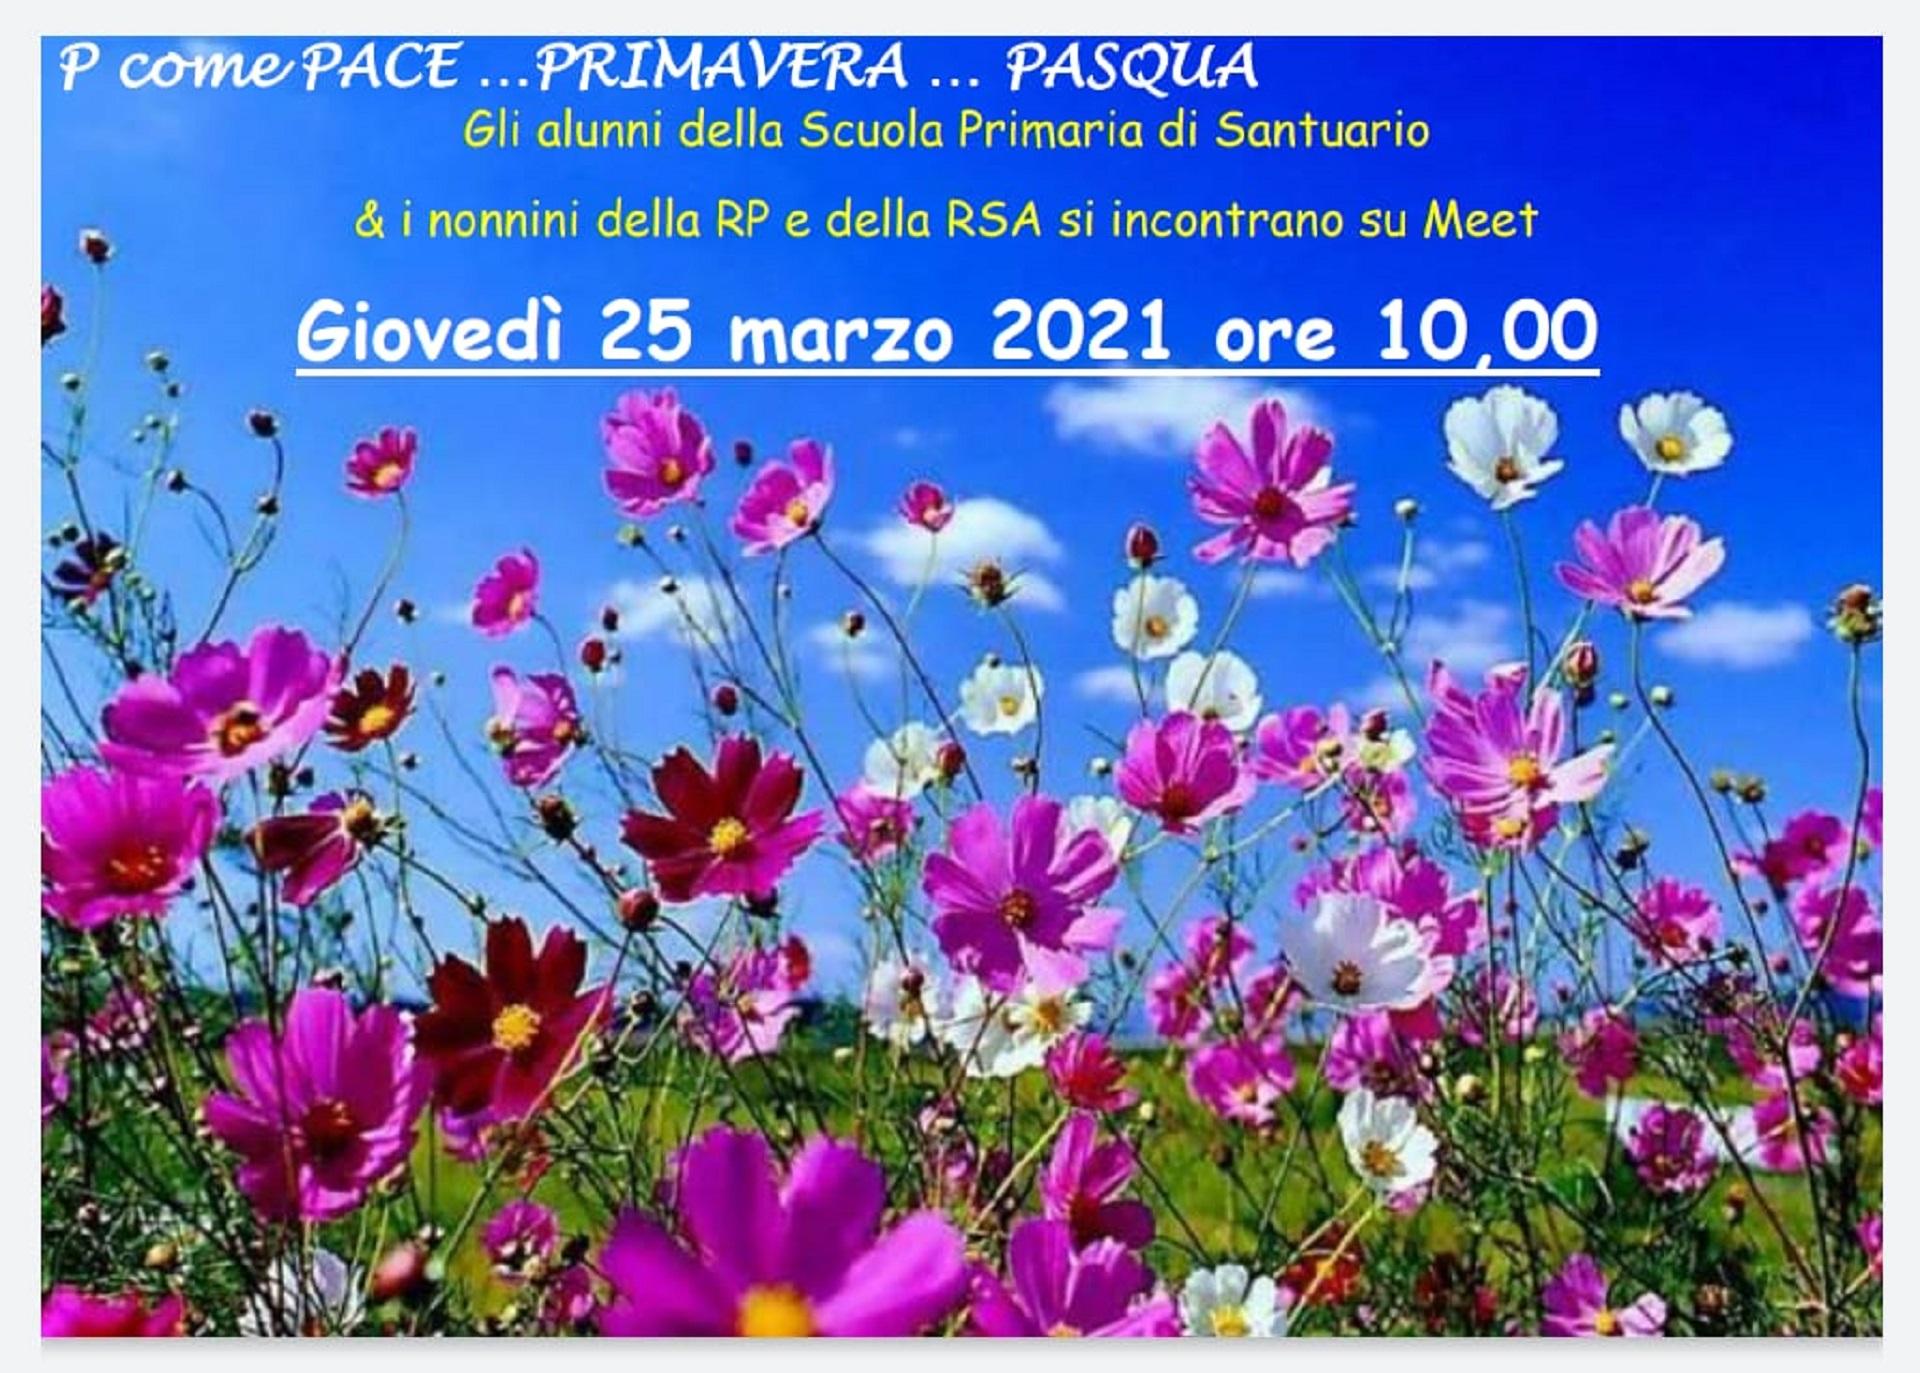 Opere Sociali Servizi Savona - Residenza Protetta Santuario - 25 Marzo 2021